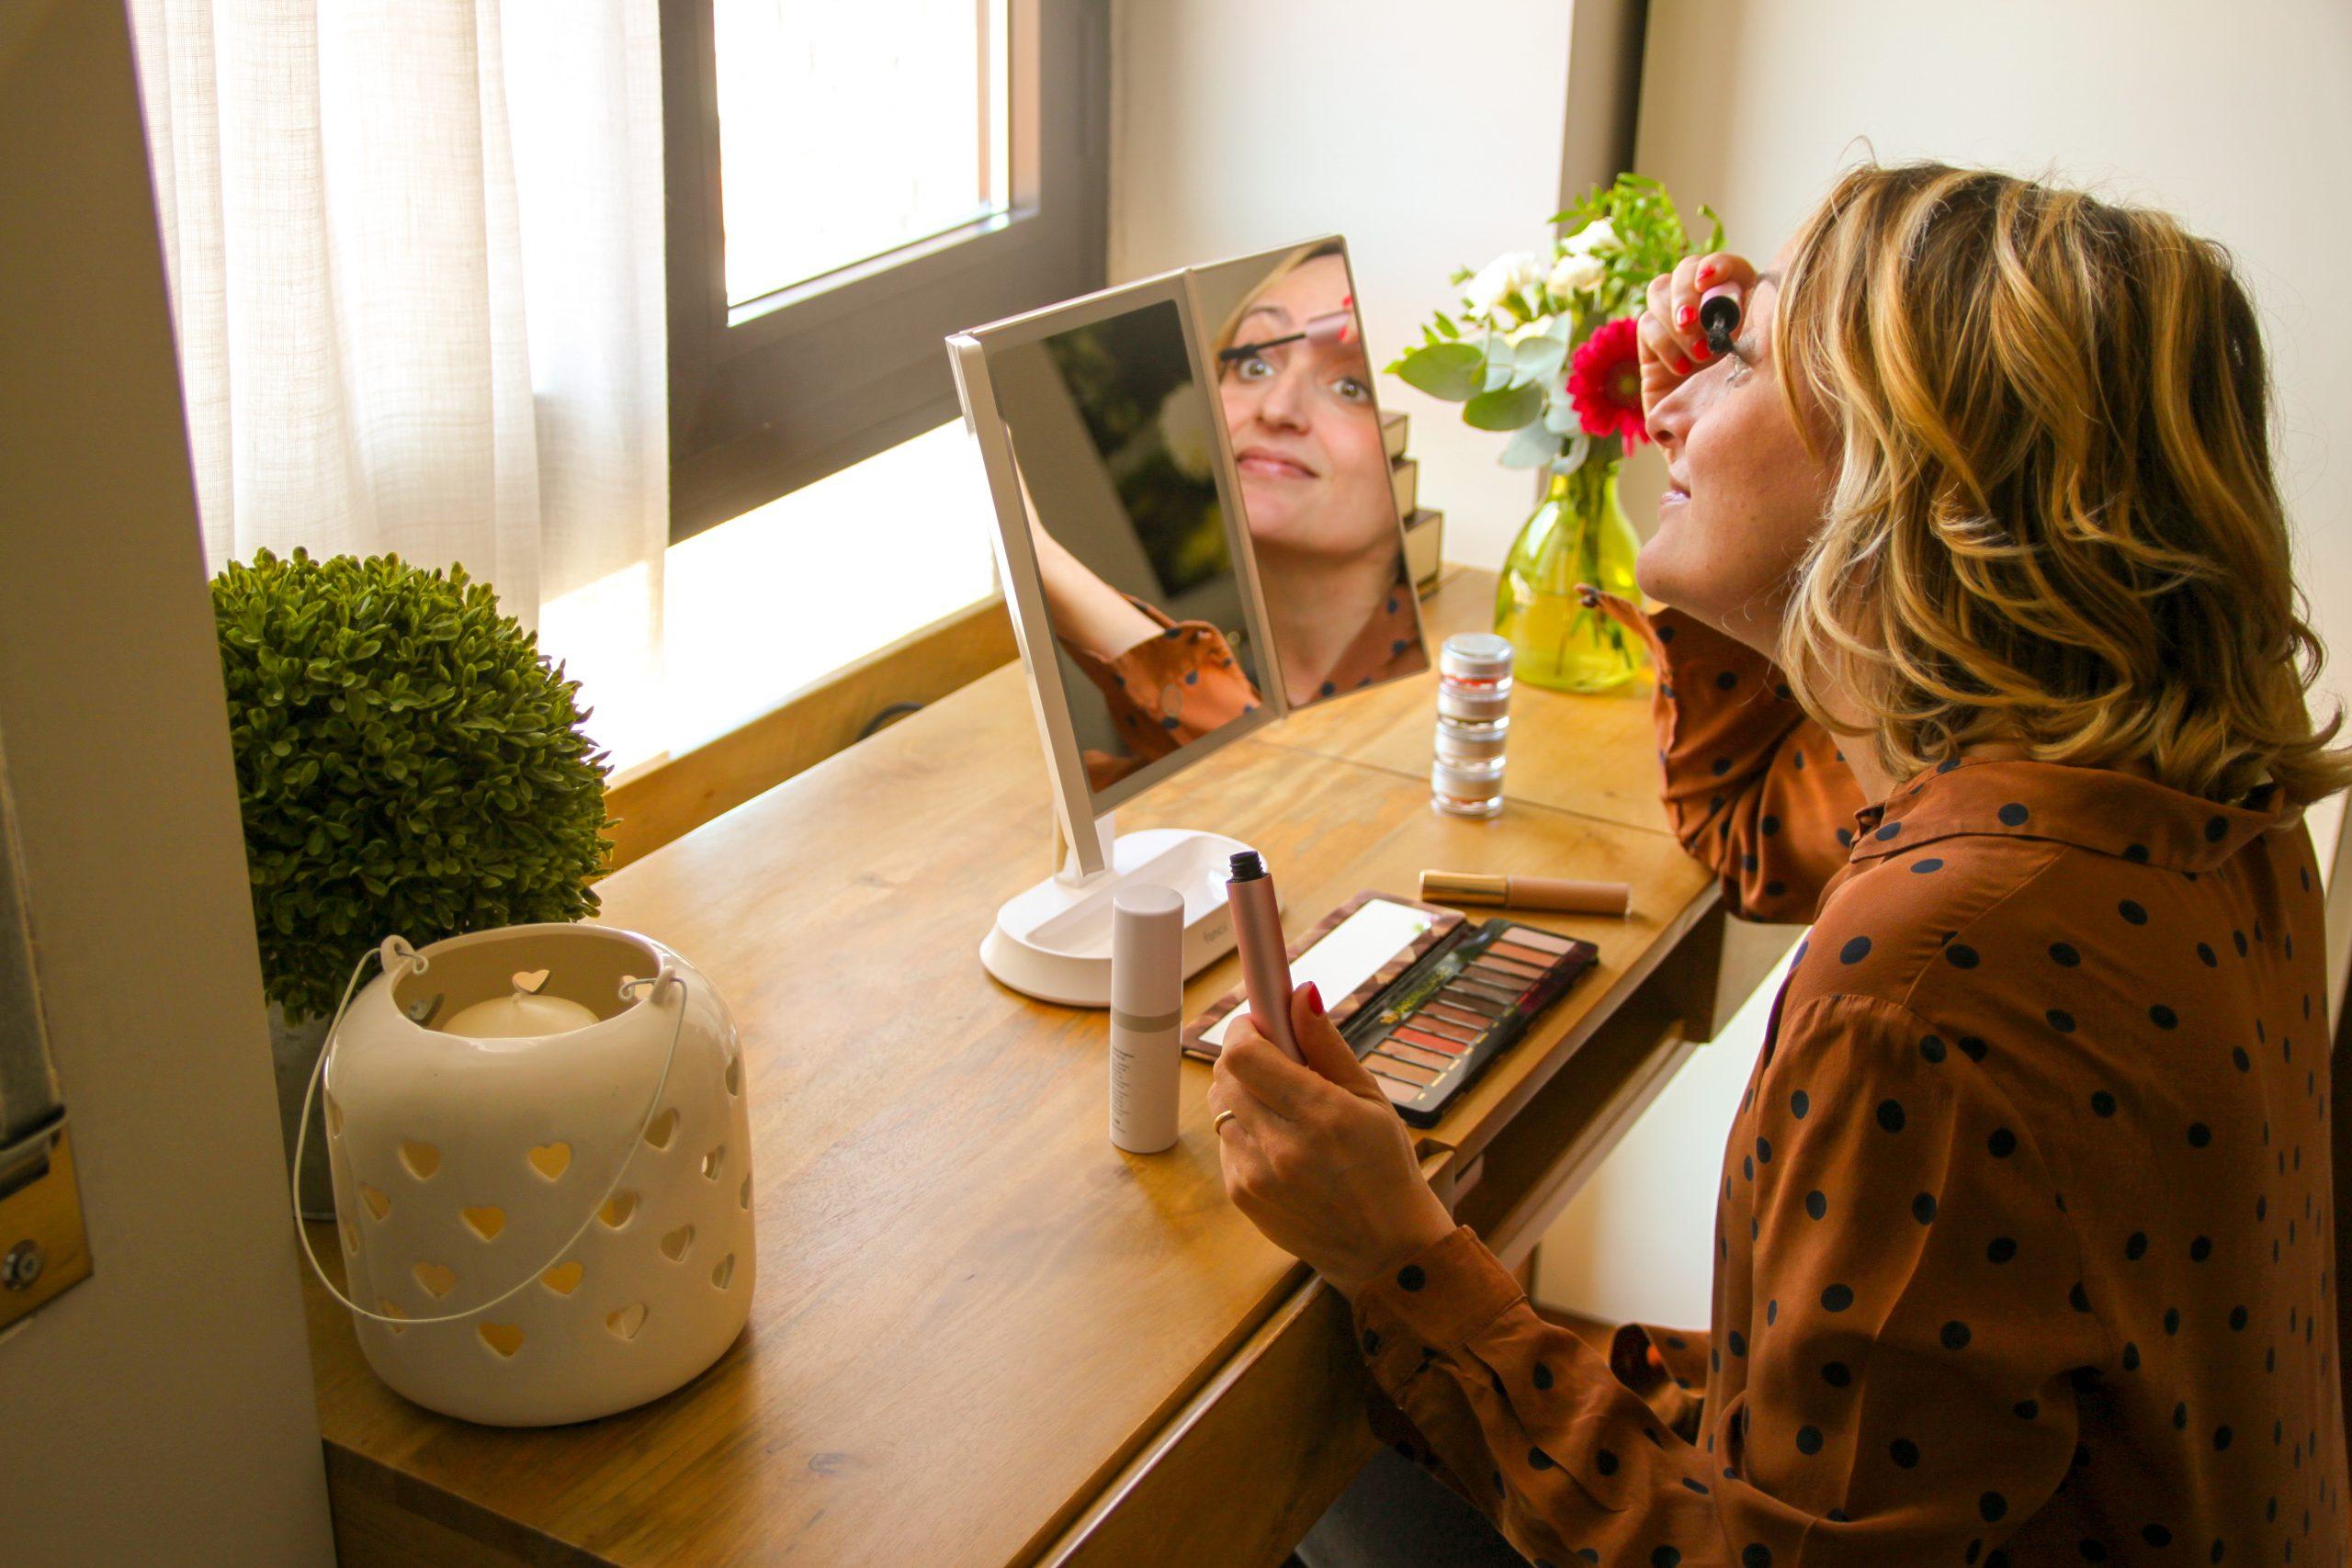 La scrivania con cassetti dei sogni: lavoro e make up!